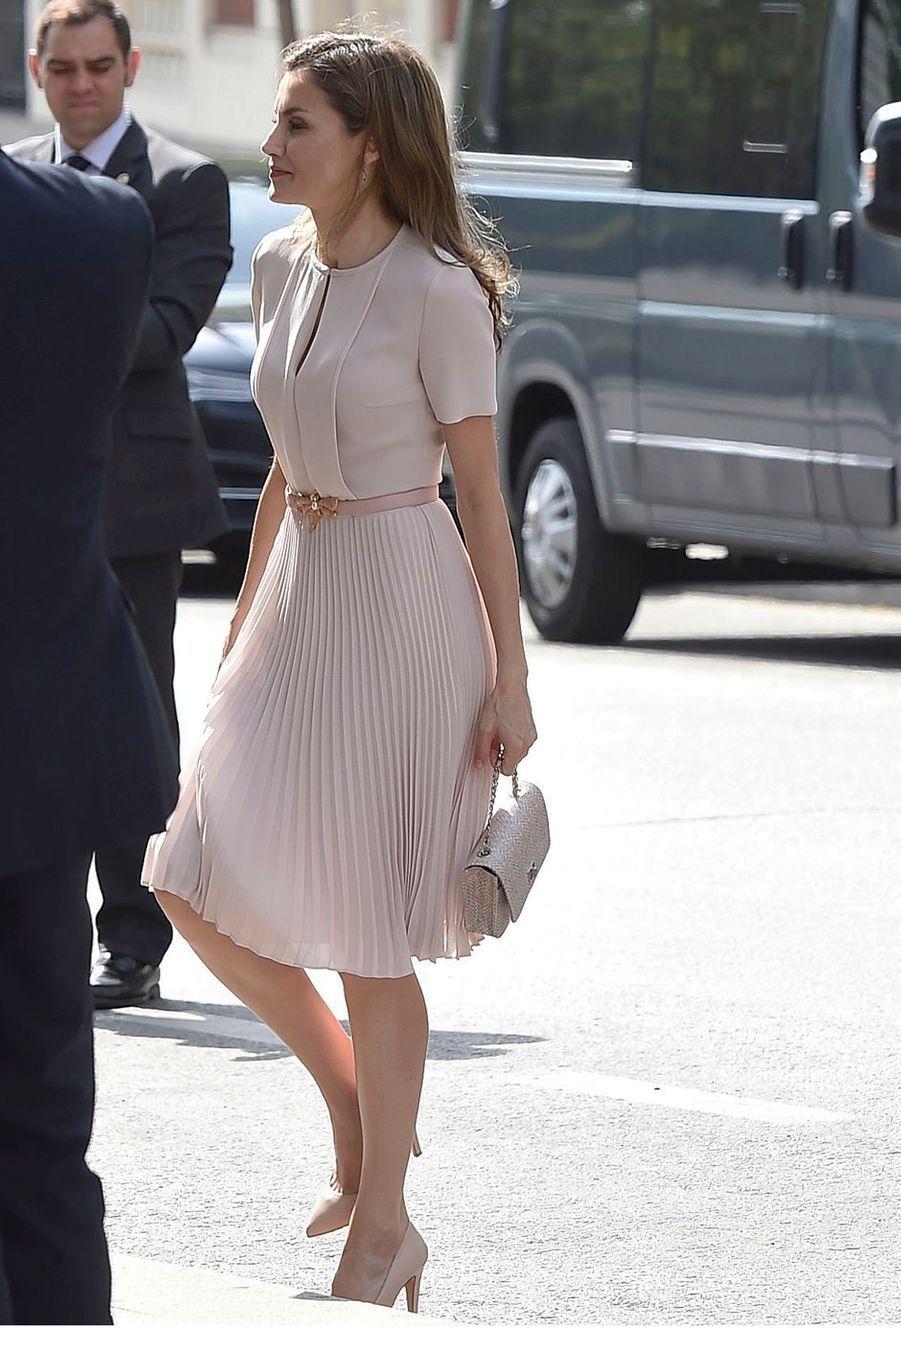 La reine Letizia d'Espagne dans un look rose pâle à Madrid, le 22 juin 2017